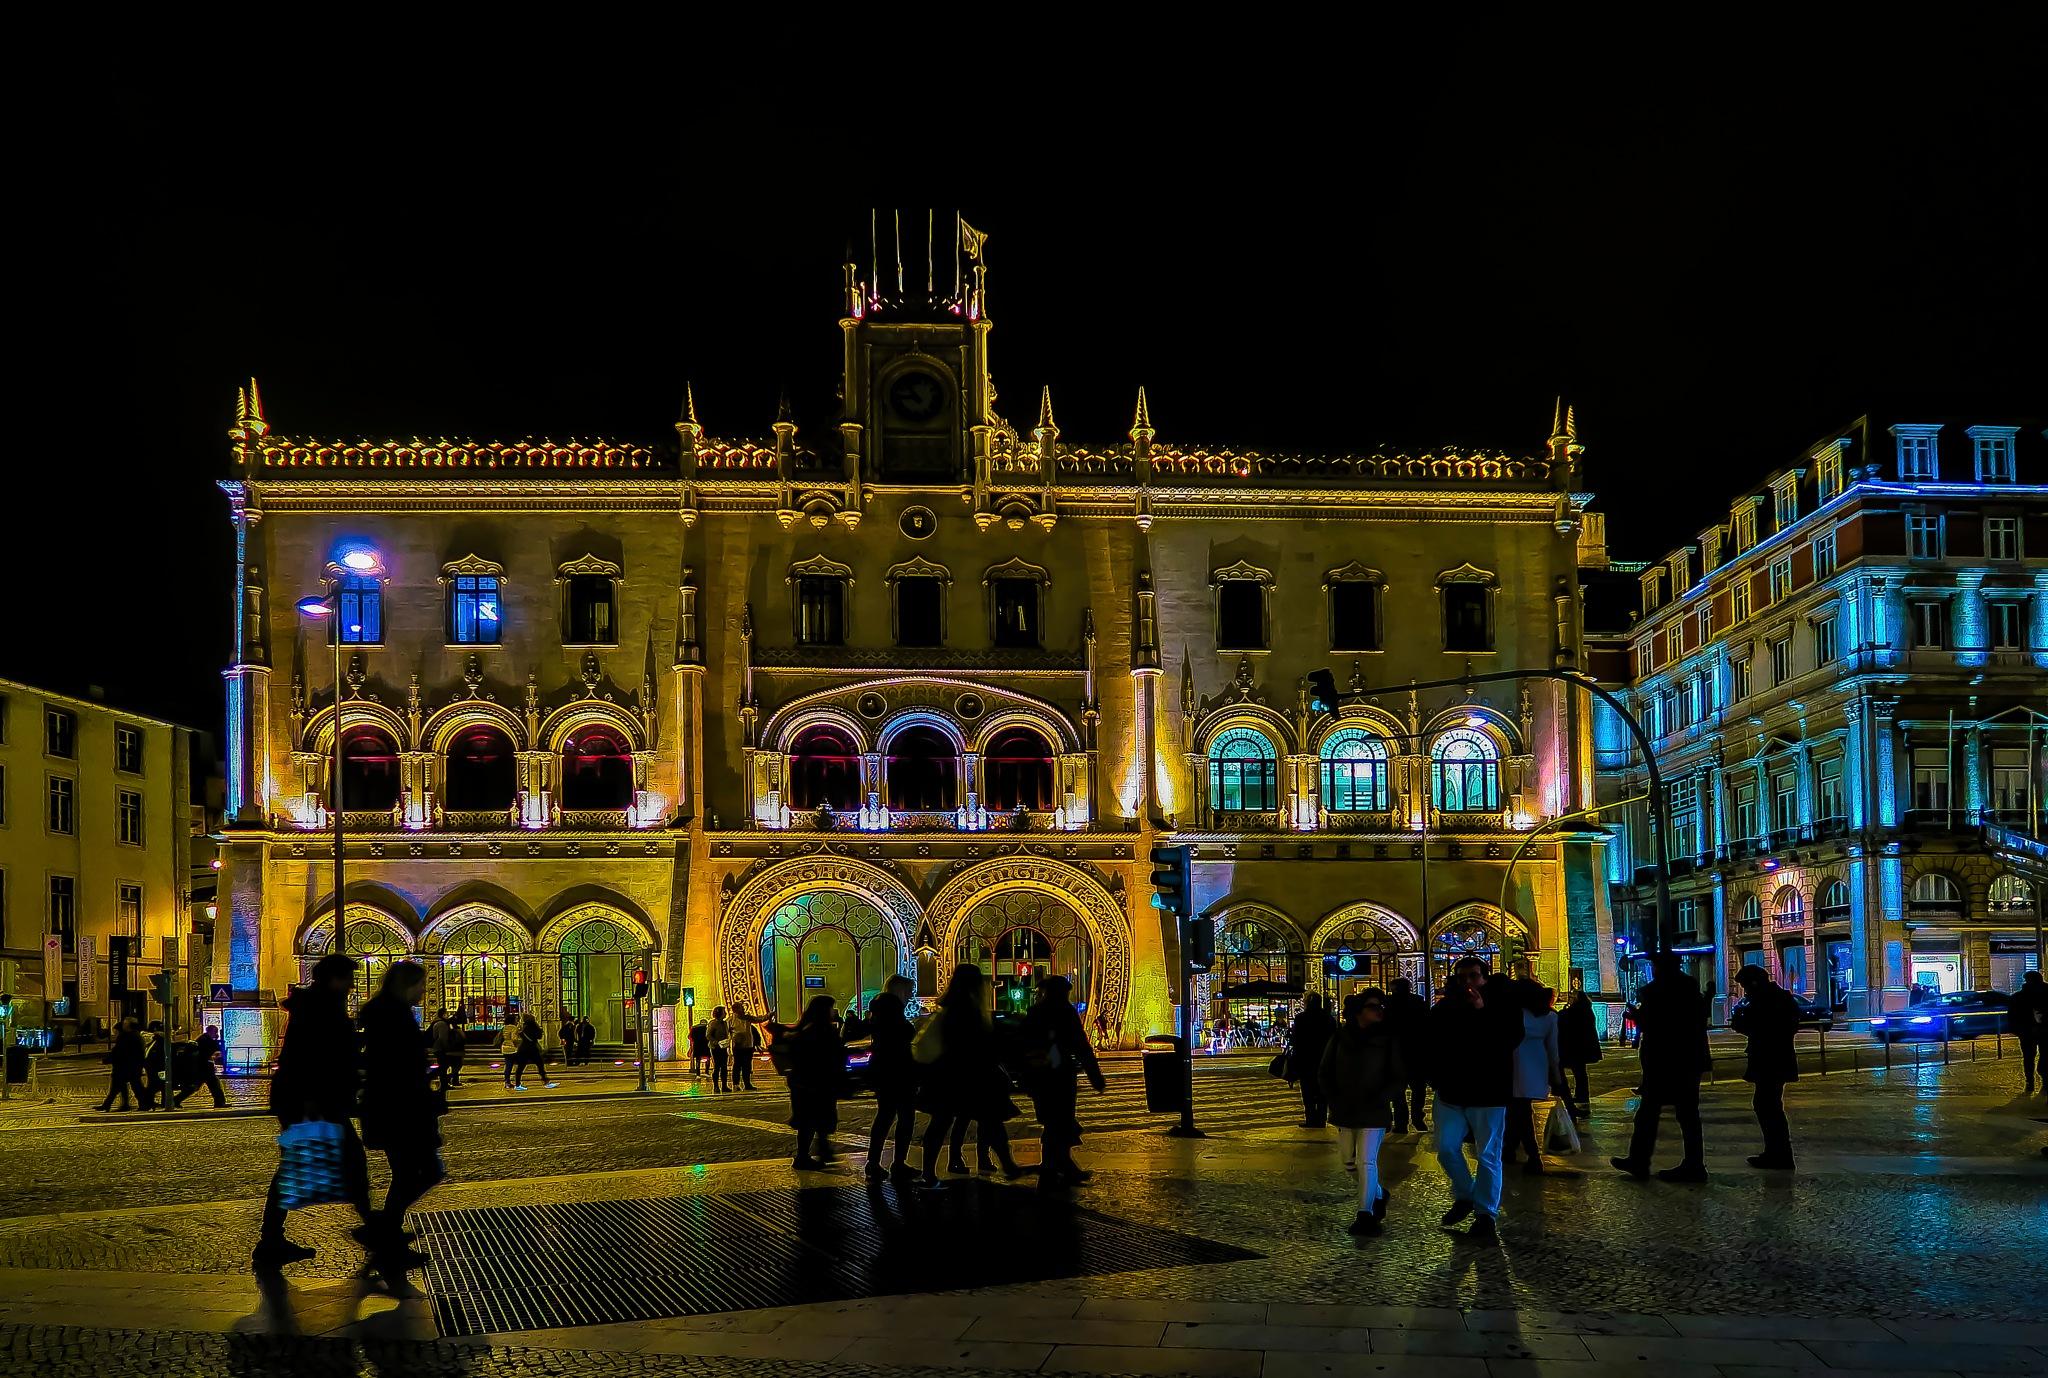 A night in Lisbon by djaffar adane